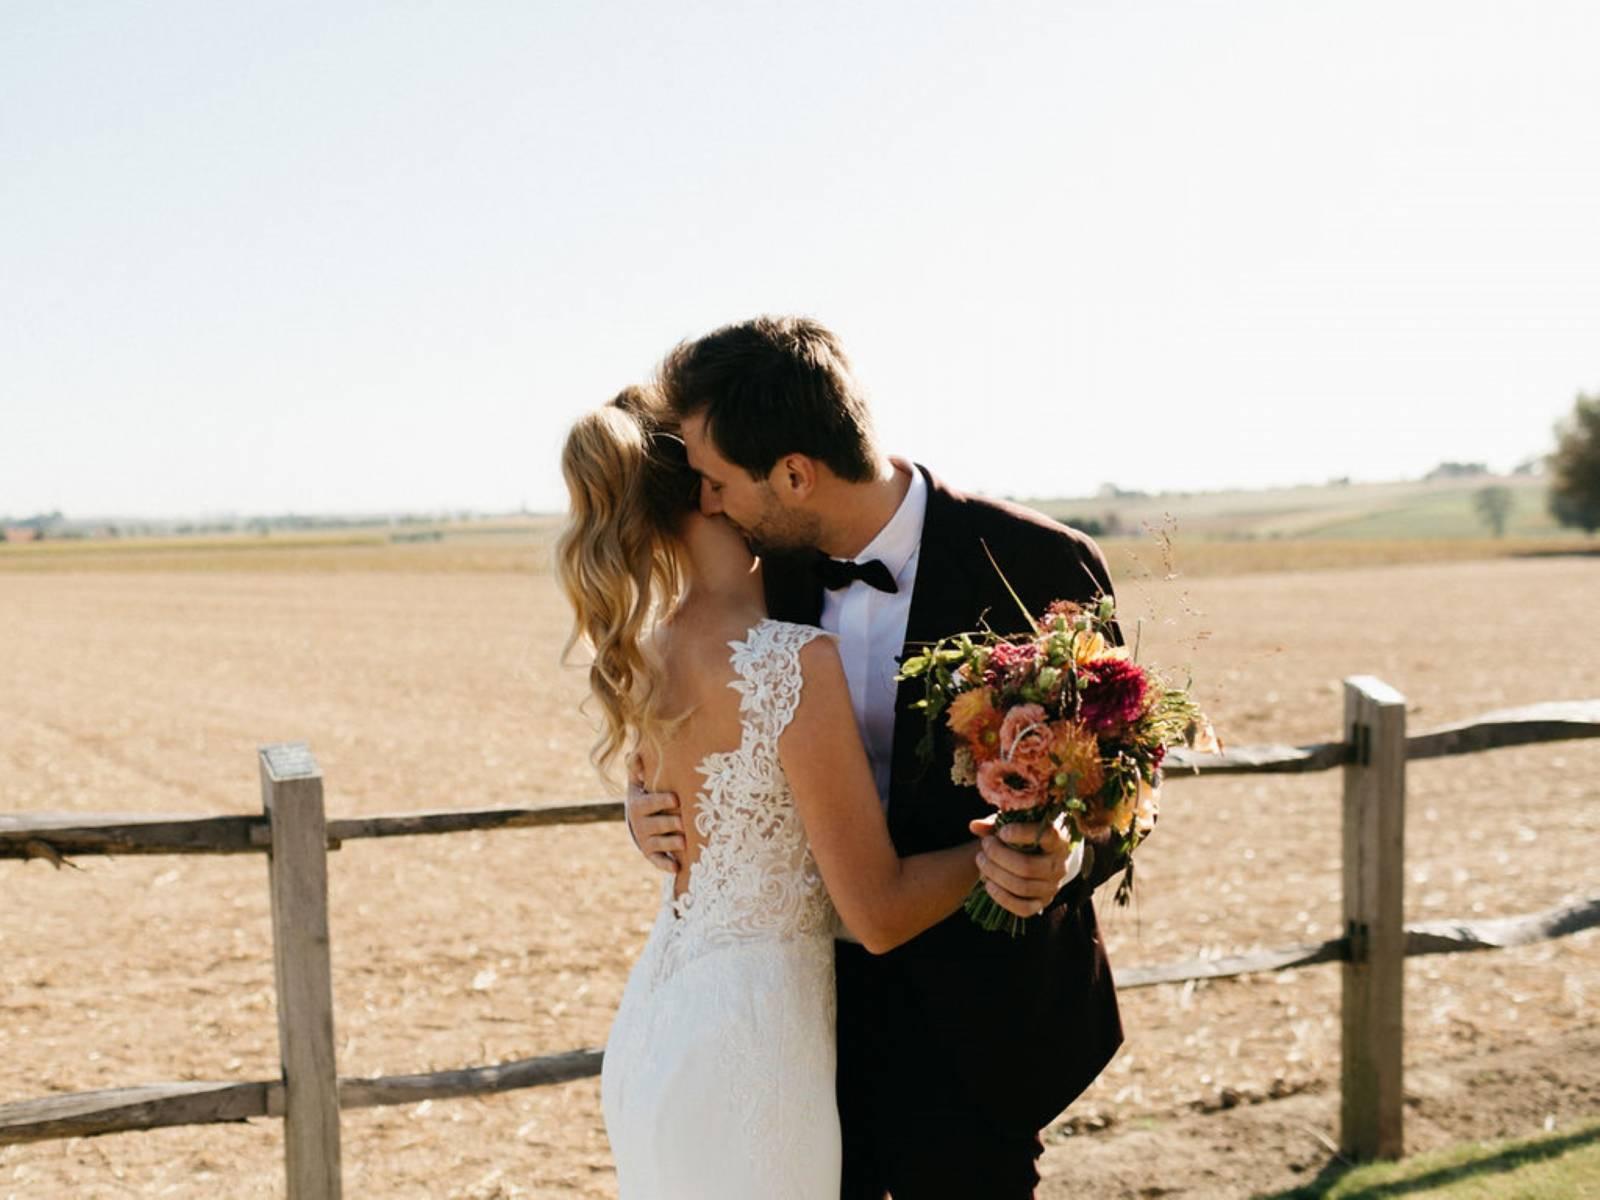 Elegant Events- Weddingplanner - Fotograaf Mathias Hannes - House of Weddings (3)